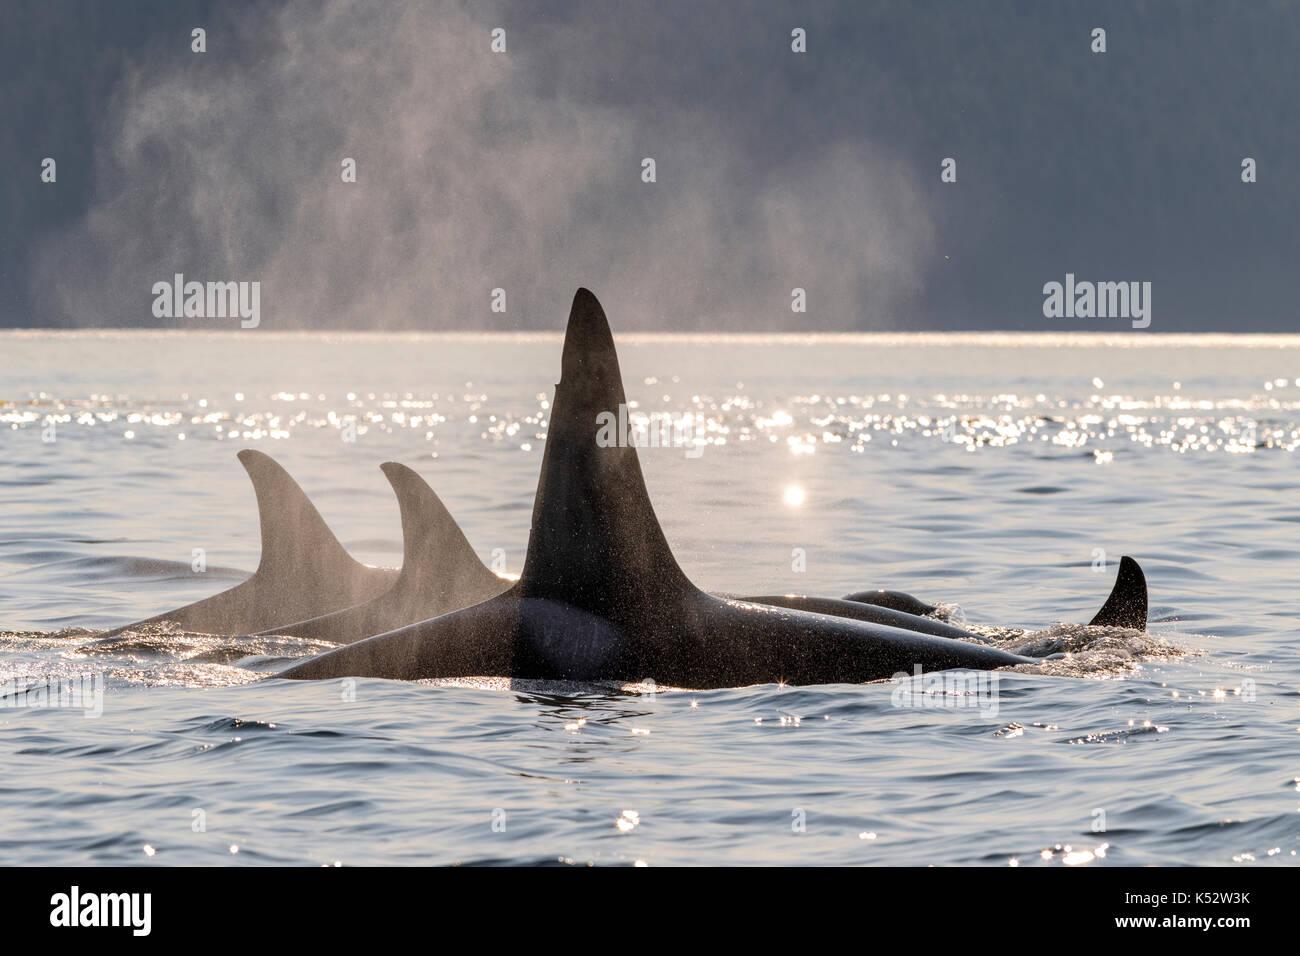 Eine Familie pod des nördlichen resident Killer Wale in der Johnstone Strait in frühen Abend aus Vancouver Island, British Columbia, Kanada reisen. Stockbild